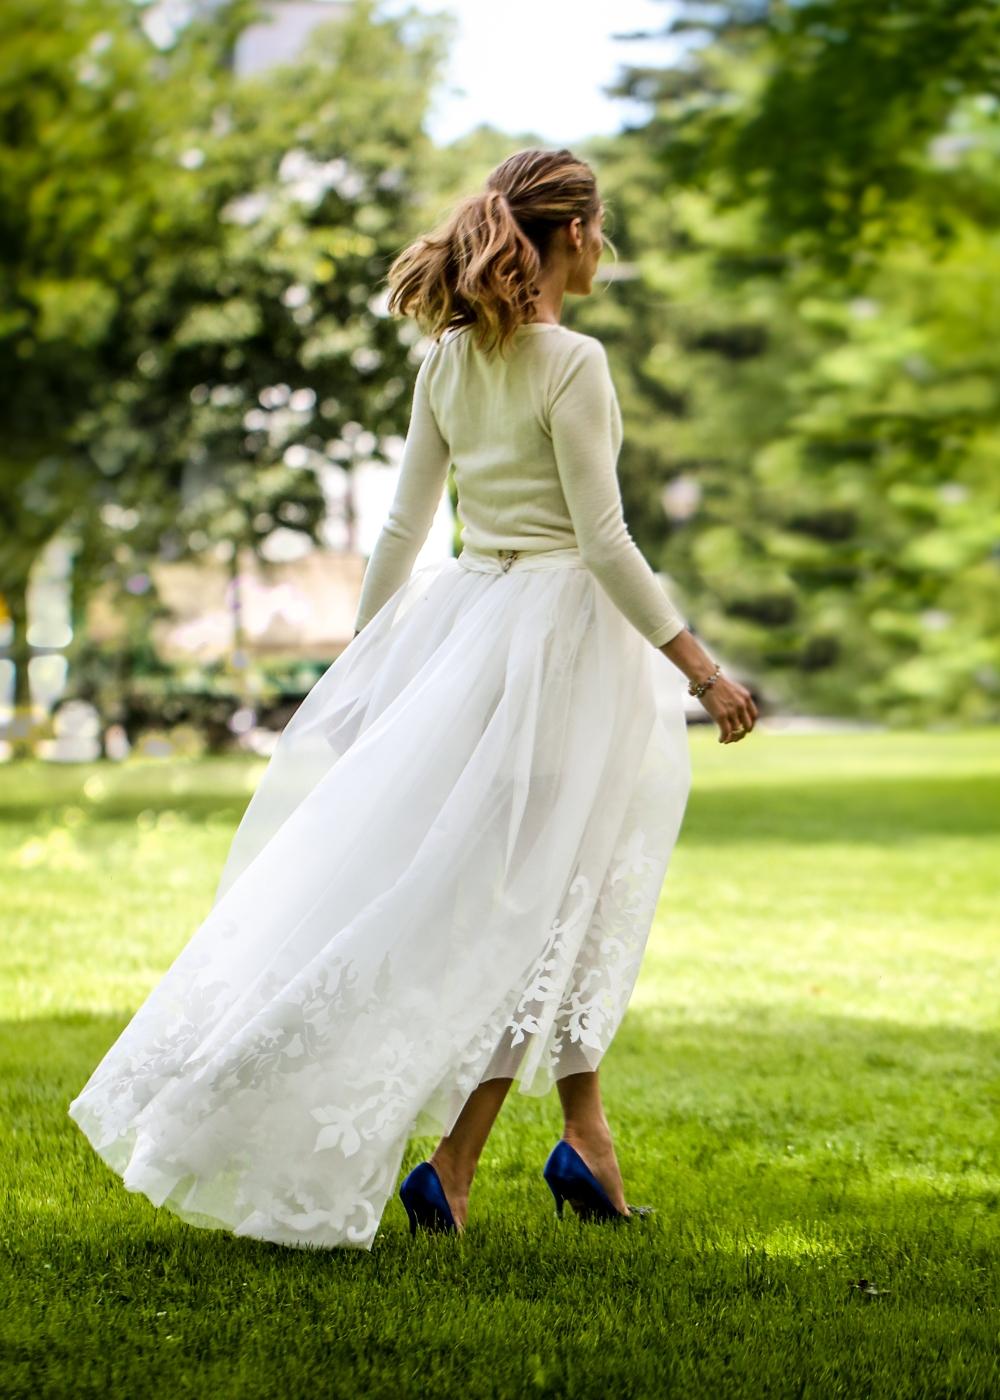 el-vestido-de-novia-de-olivia-palermo 02